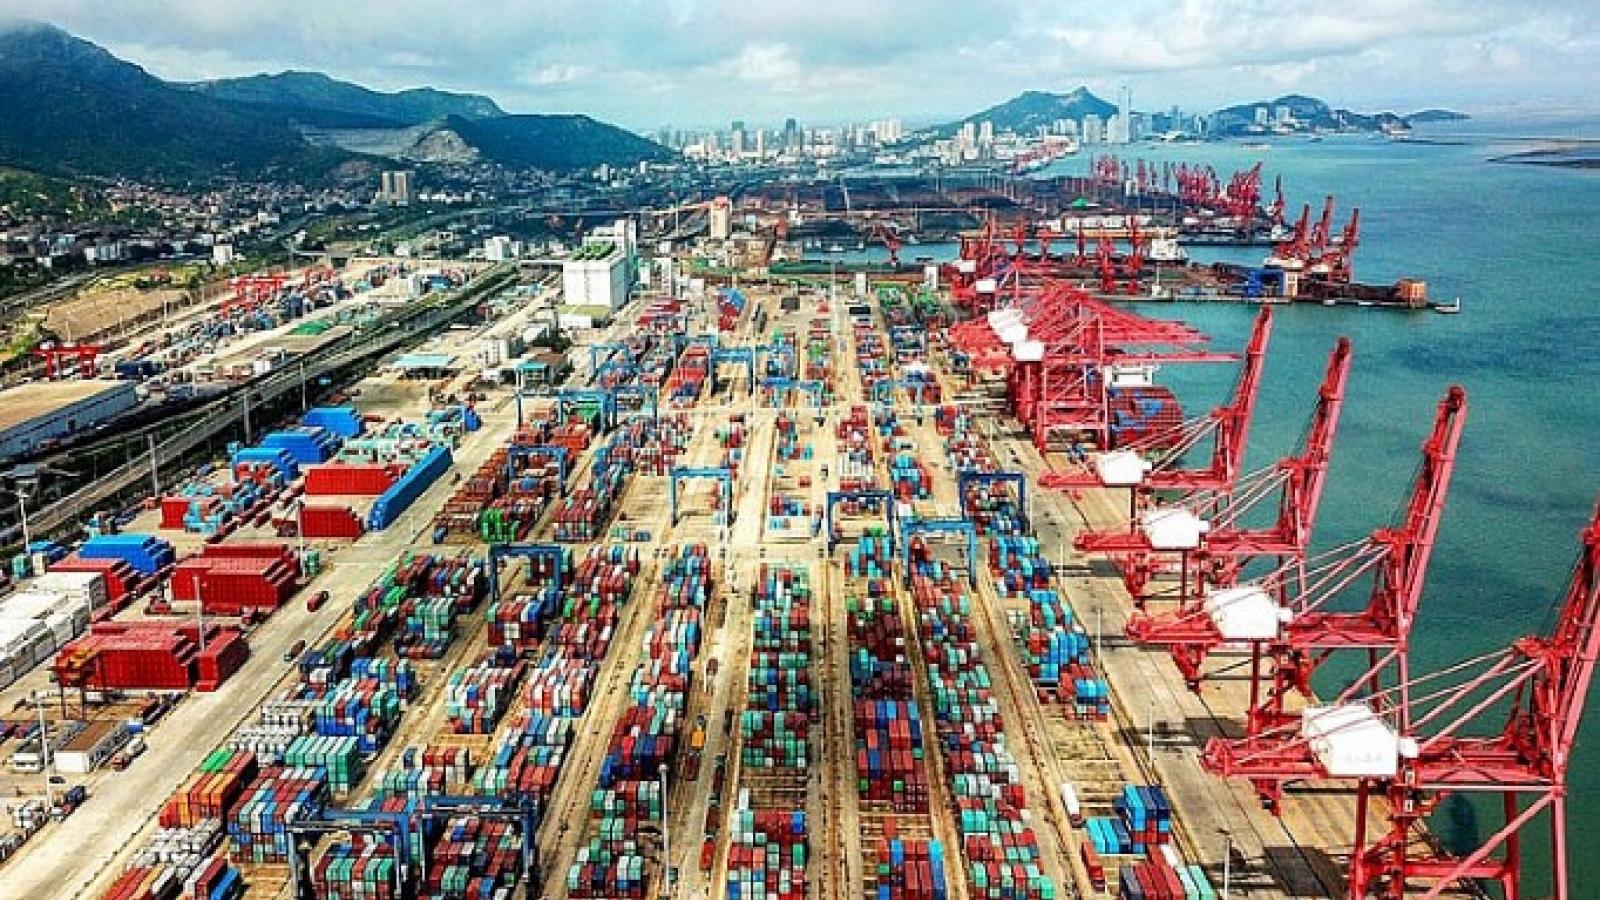 EVFTA liên kết kinh tế với một khu vực năng động ở Đông Nam Á